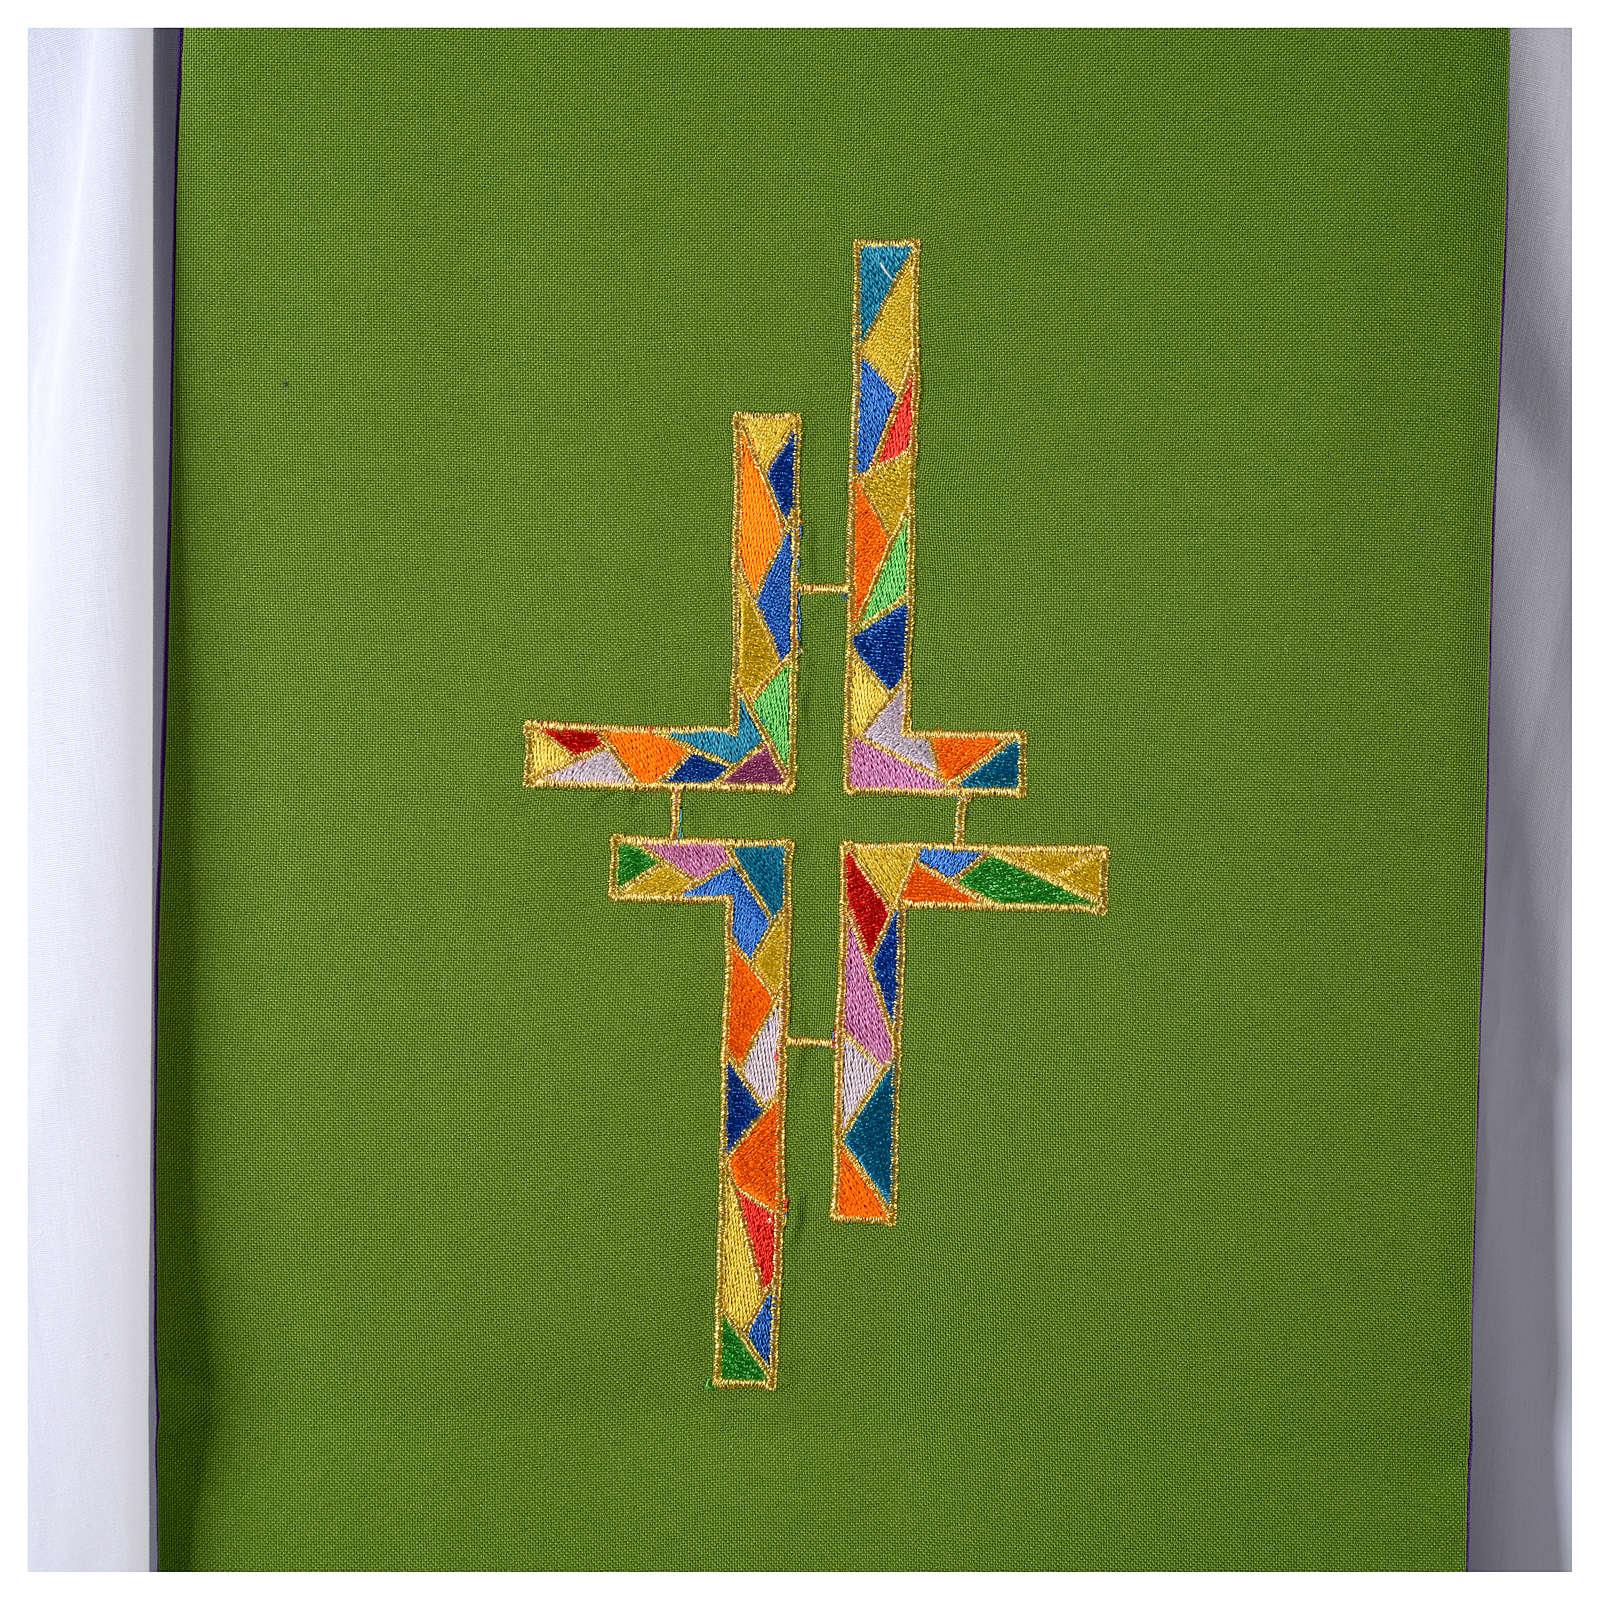 Stuła dwustronna zielono-fioletowa szeroka krzyż wielokolorowy 4